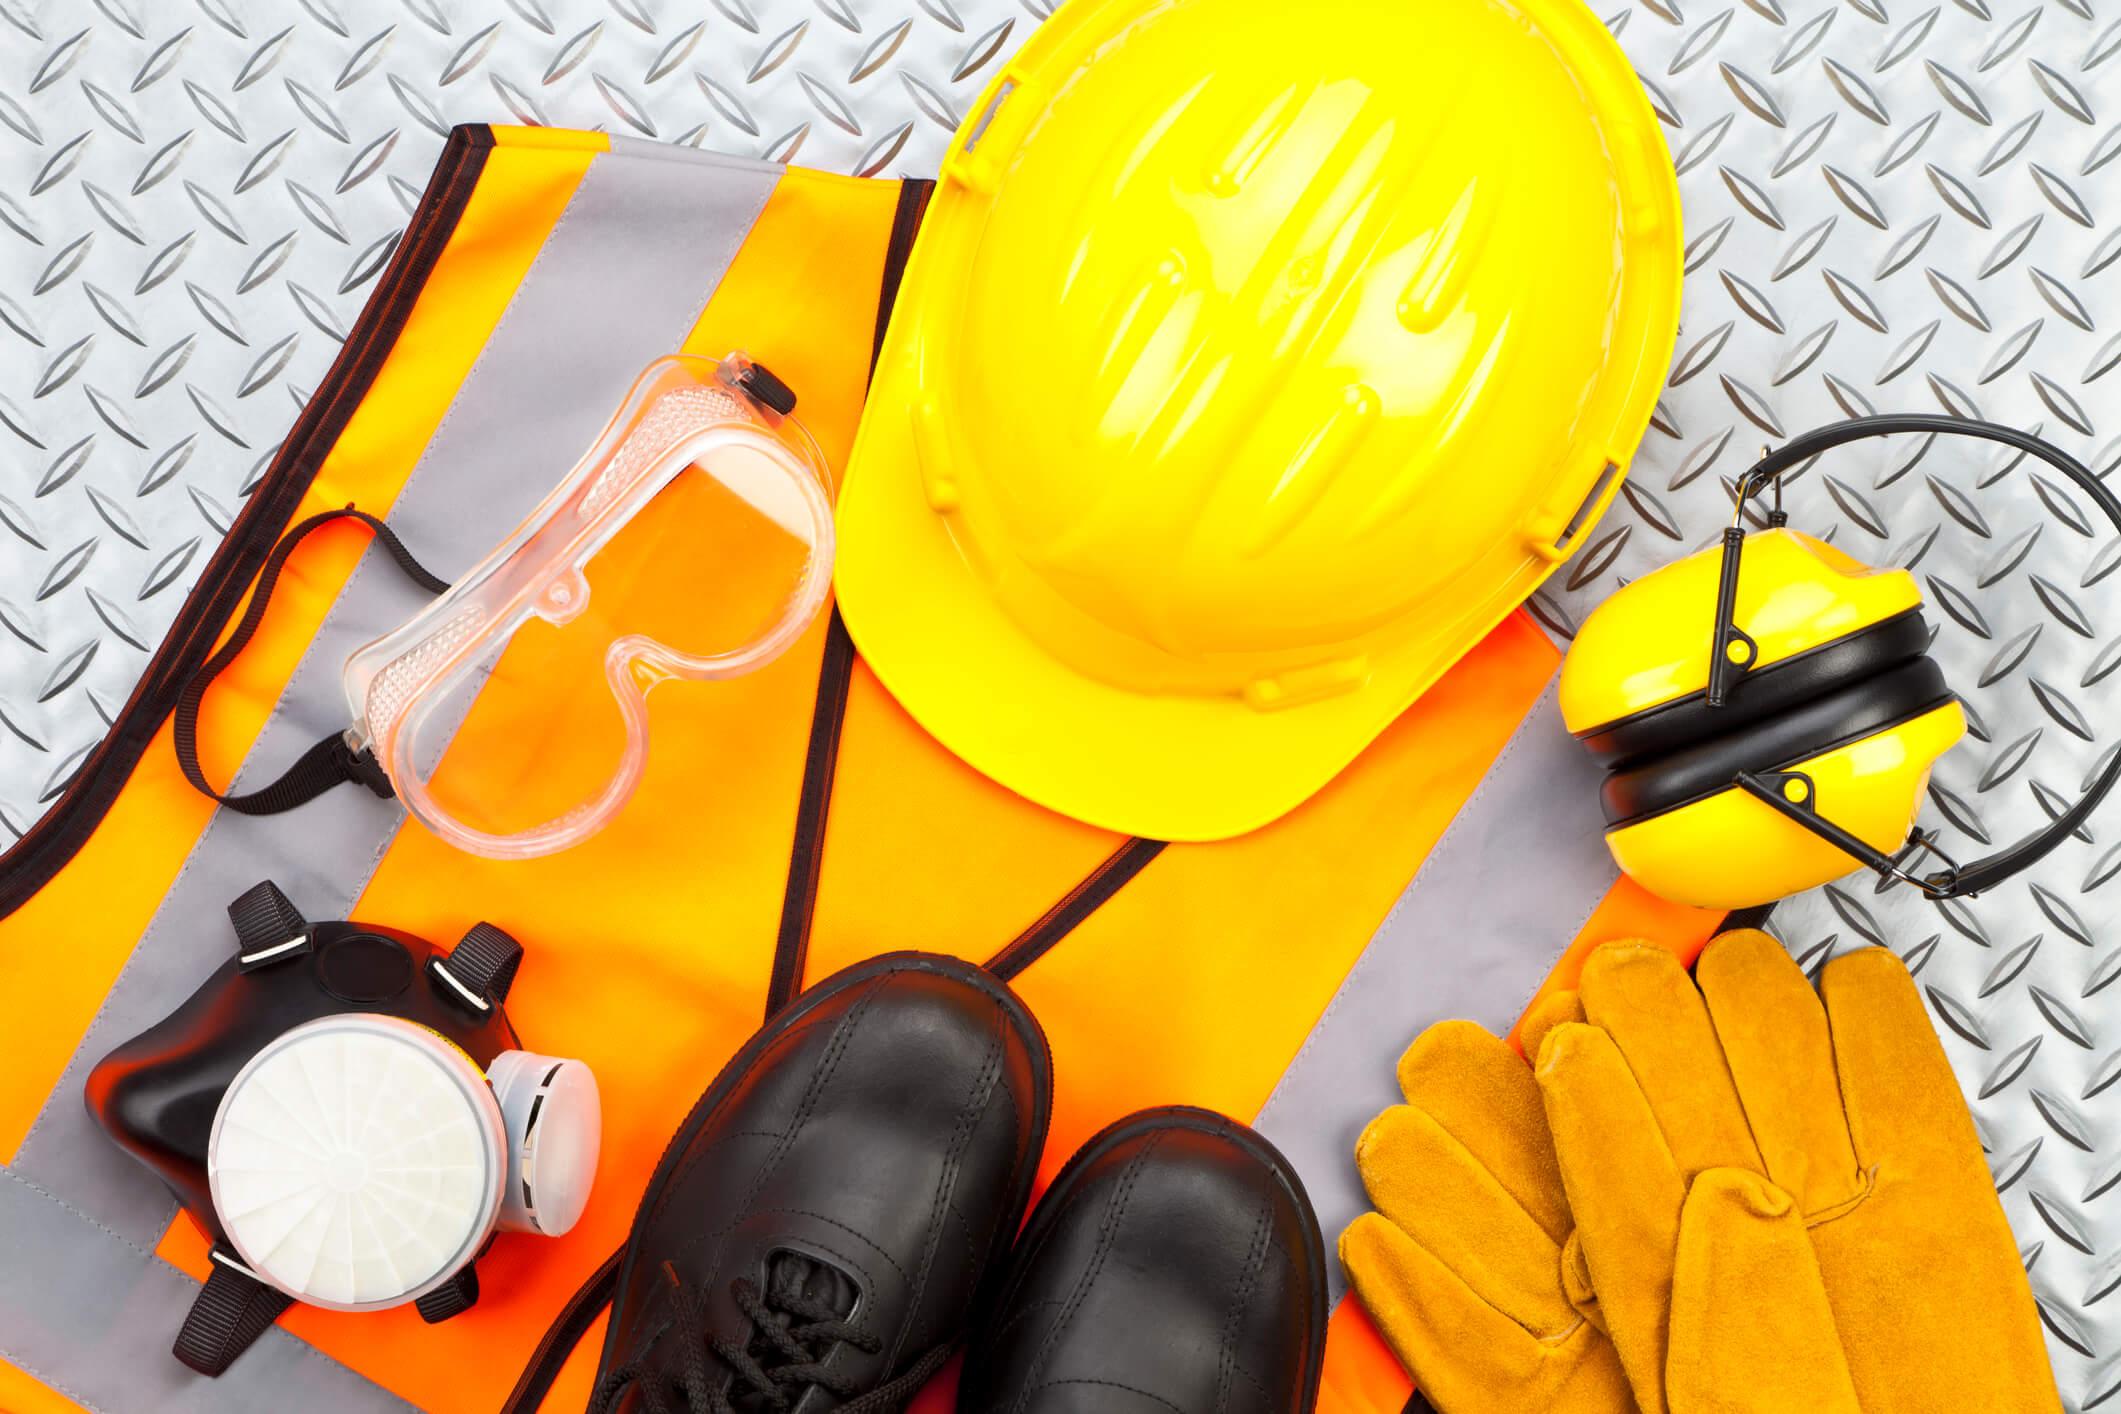 treinamentos-de-seguranca-quais cursos-exigidos - Pr engenharia